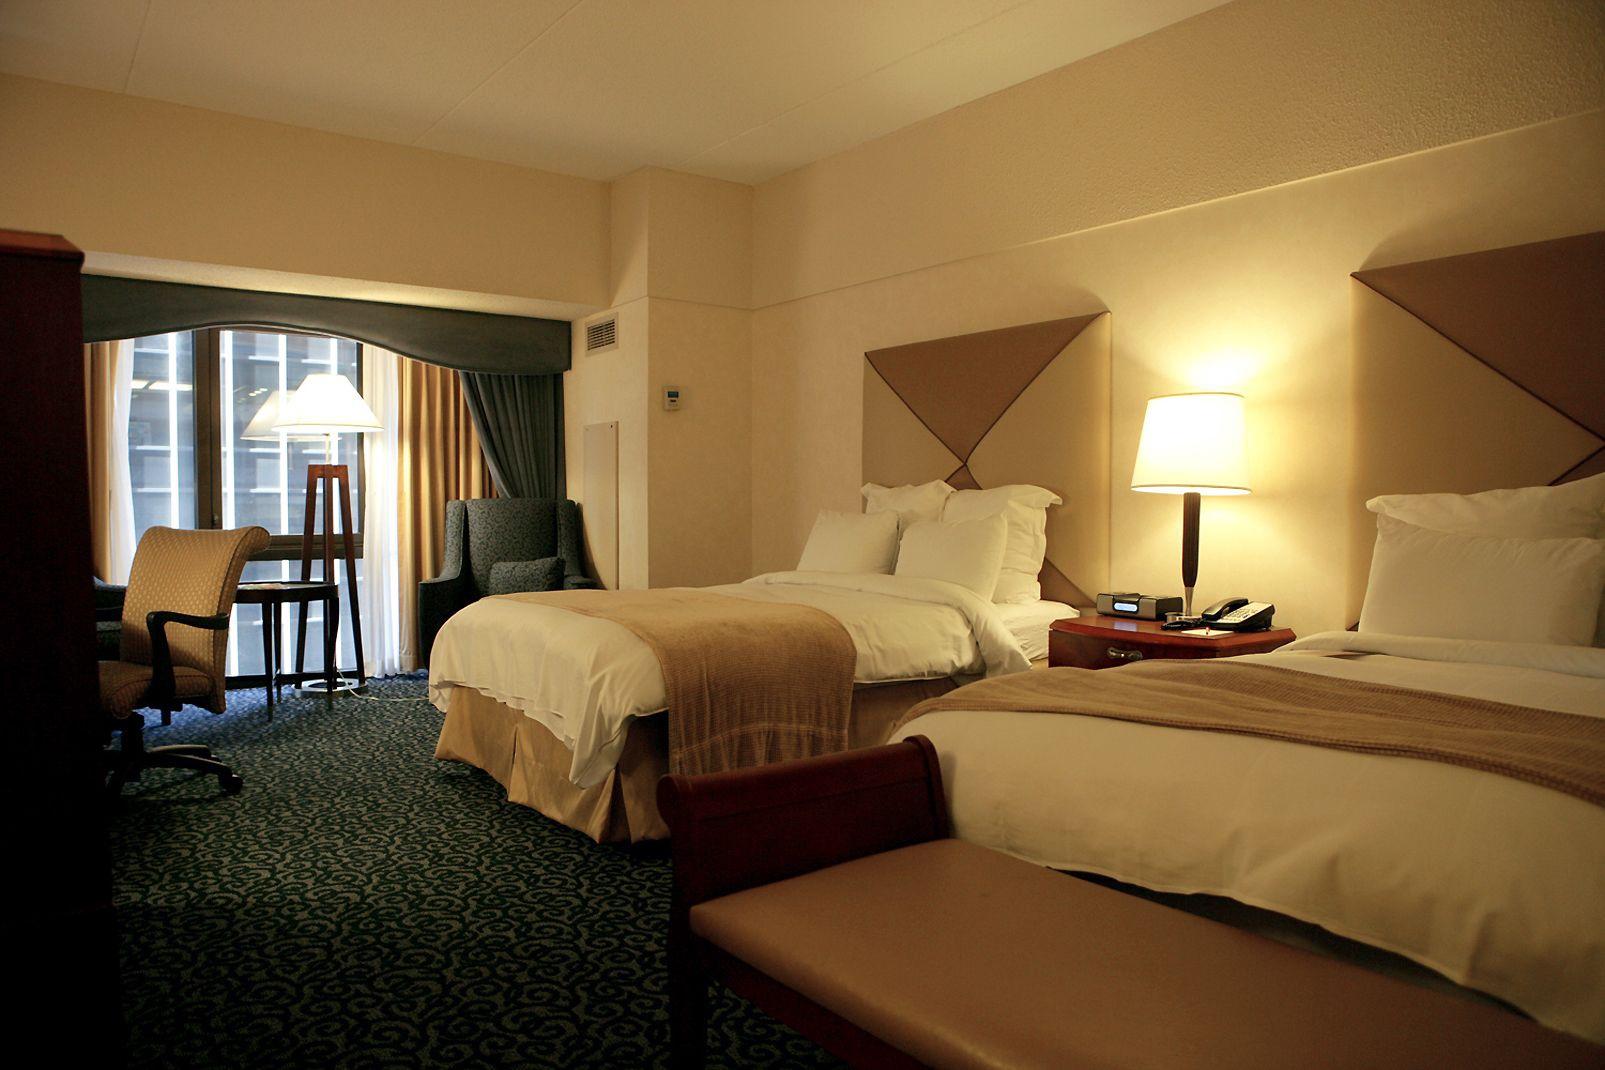 Hôtel New York Mariott Marquis 4* « sans transfert » - 1